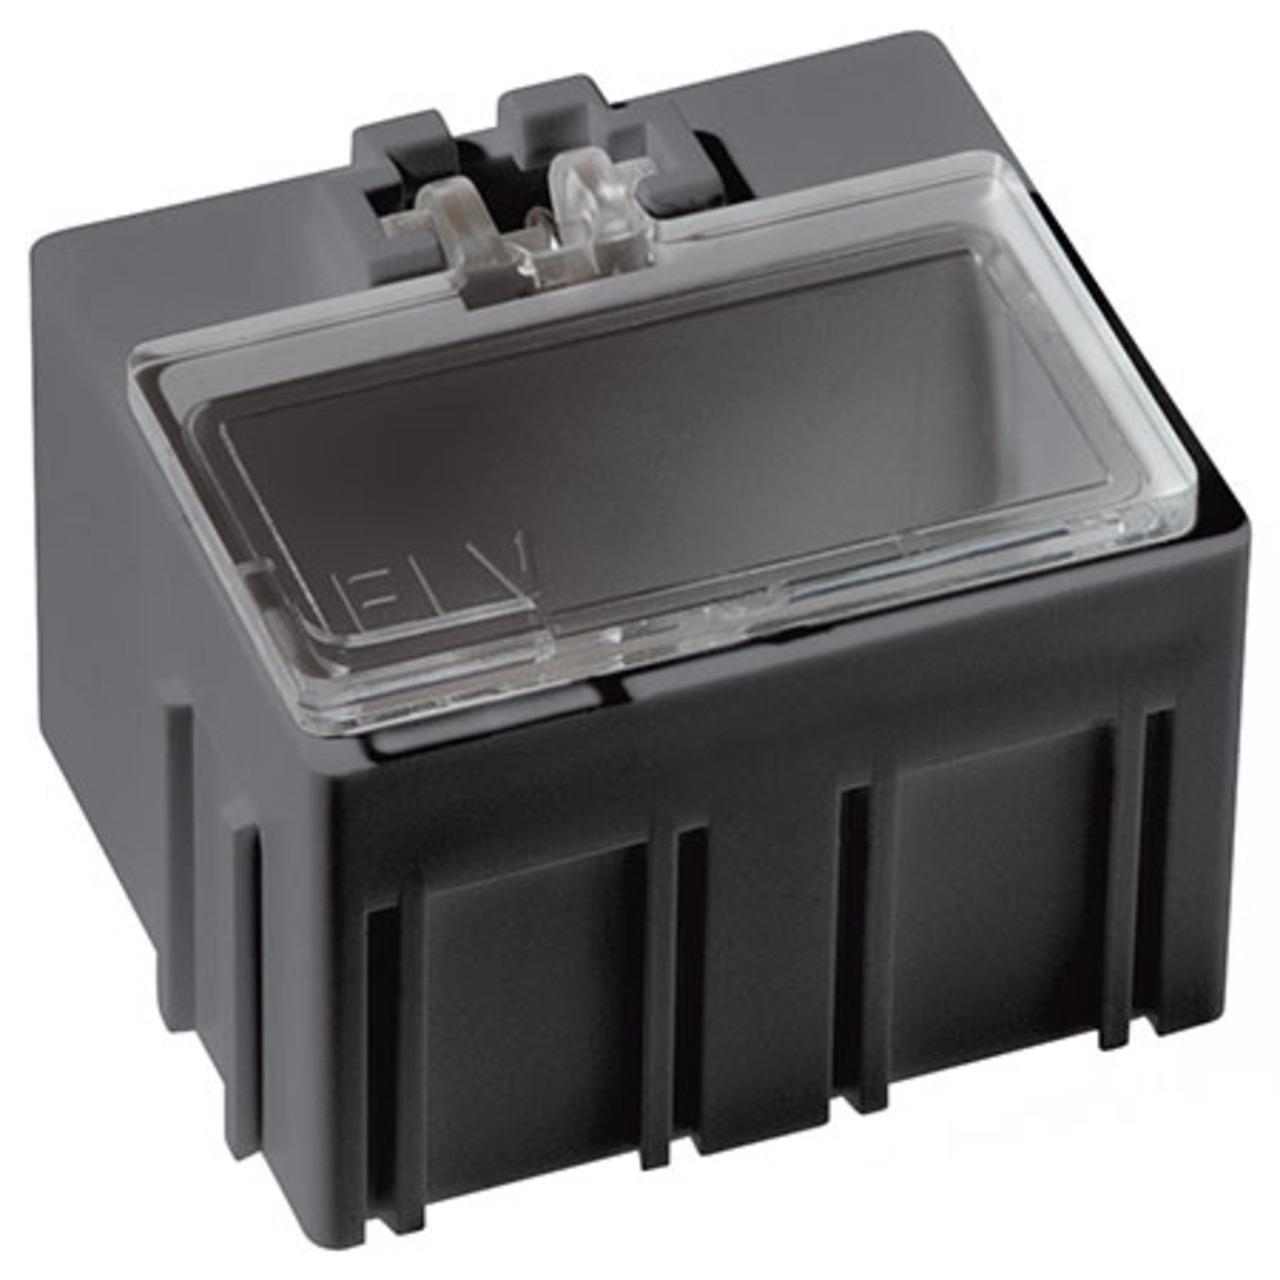 ELV 10er-Set SMD-Sortierbox- Antistatik- 23 x 31 x 27 mm